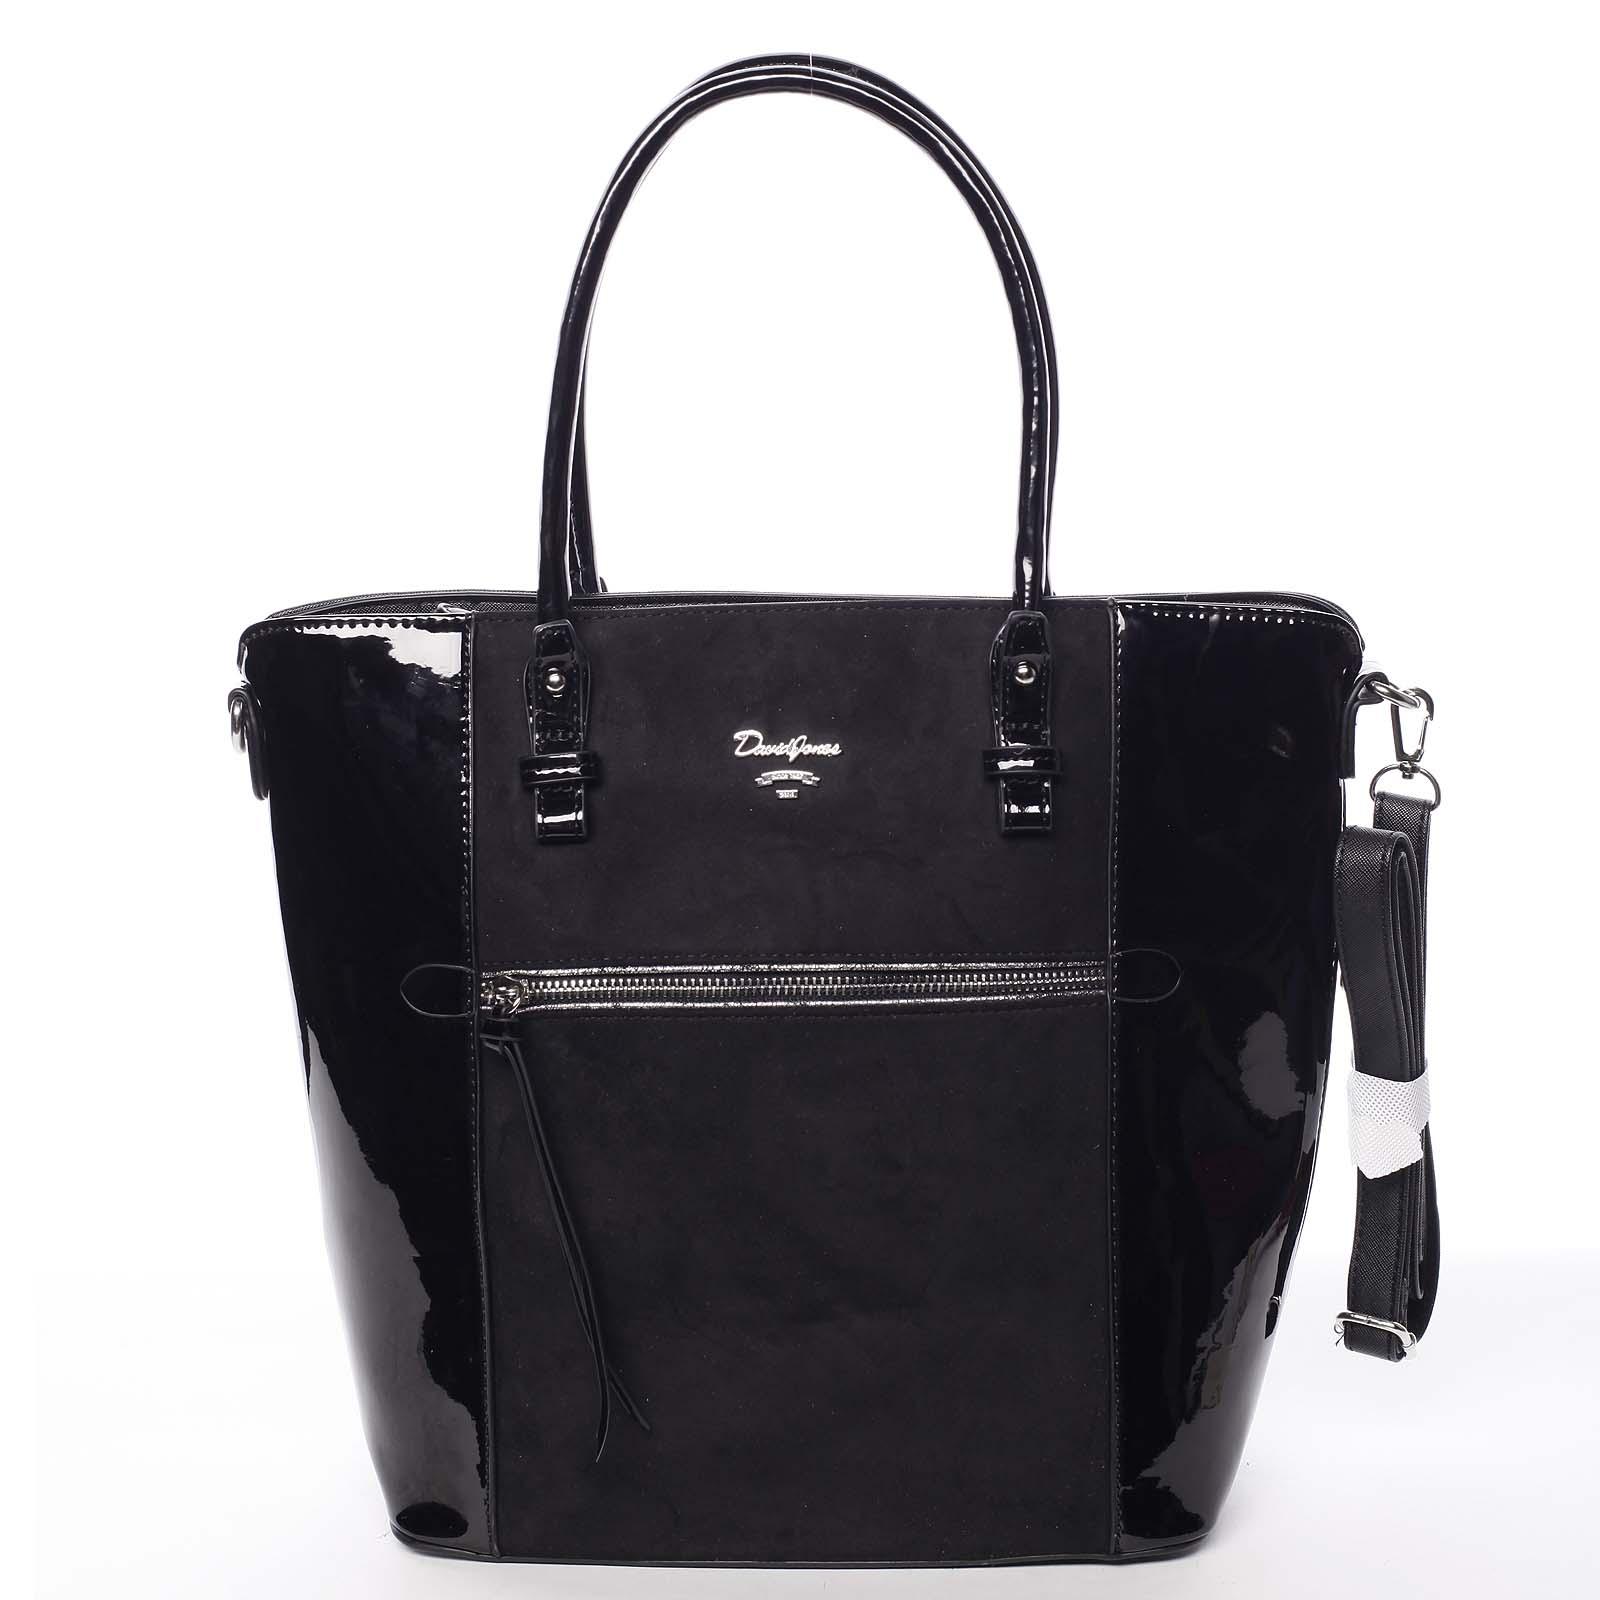 Veľká čierna luxusná pololakovaná kabelka cez rameno - David Jones Rayly čierna